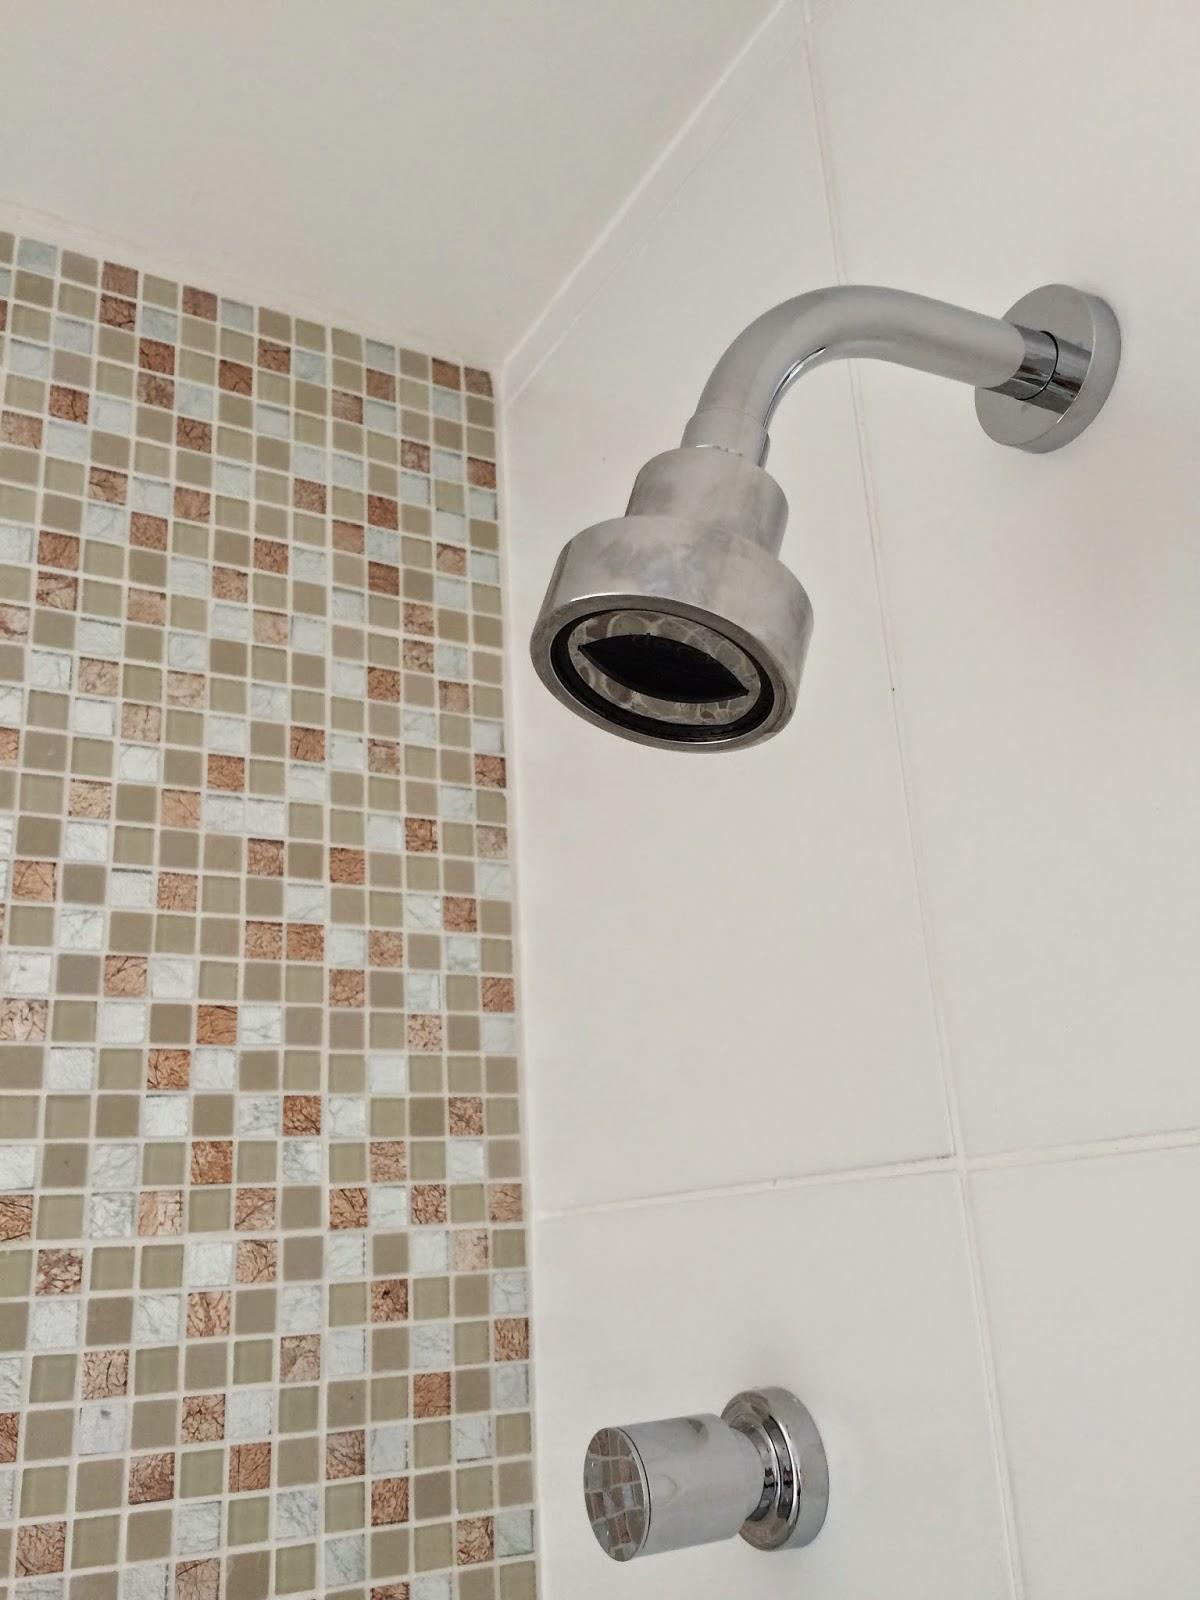 Apê 114: Duchas e Acessórios dos banheiros instalados! #7D614E 1200x1600 Acessorios Banheiro China